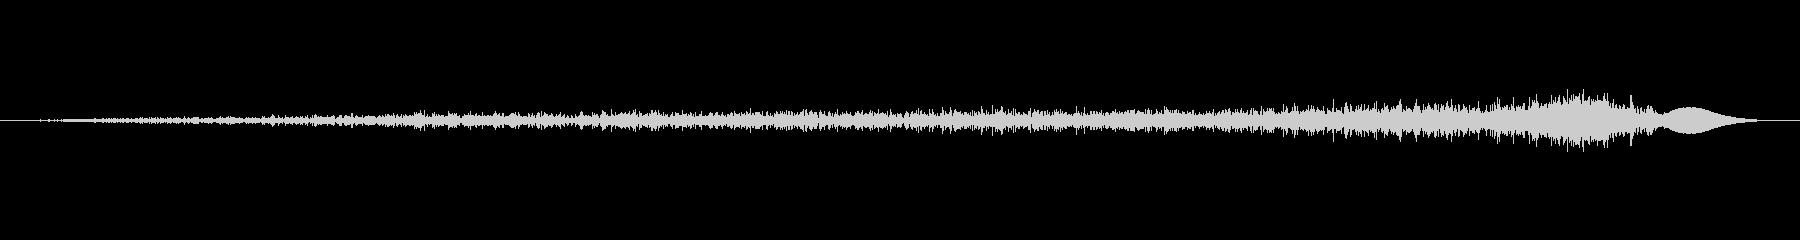 スーッ(スワイプゆっくり、ページめくる音の未再生の波形